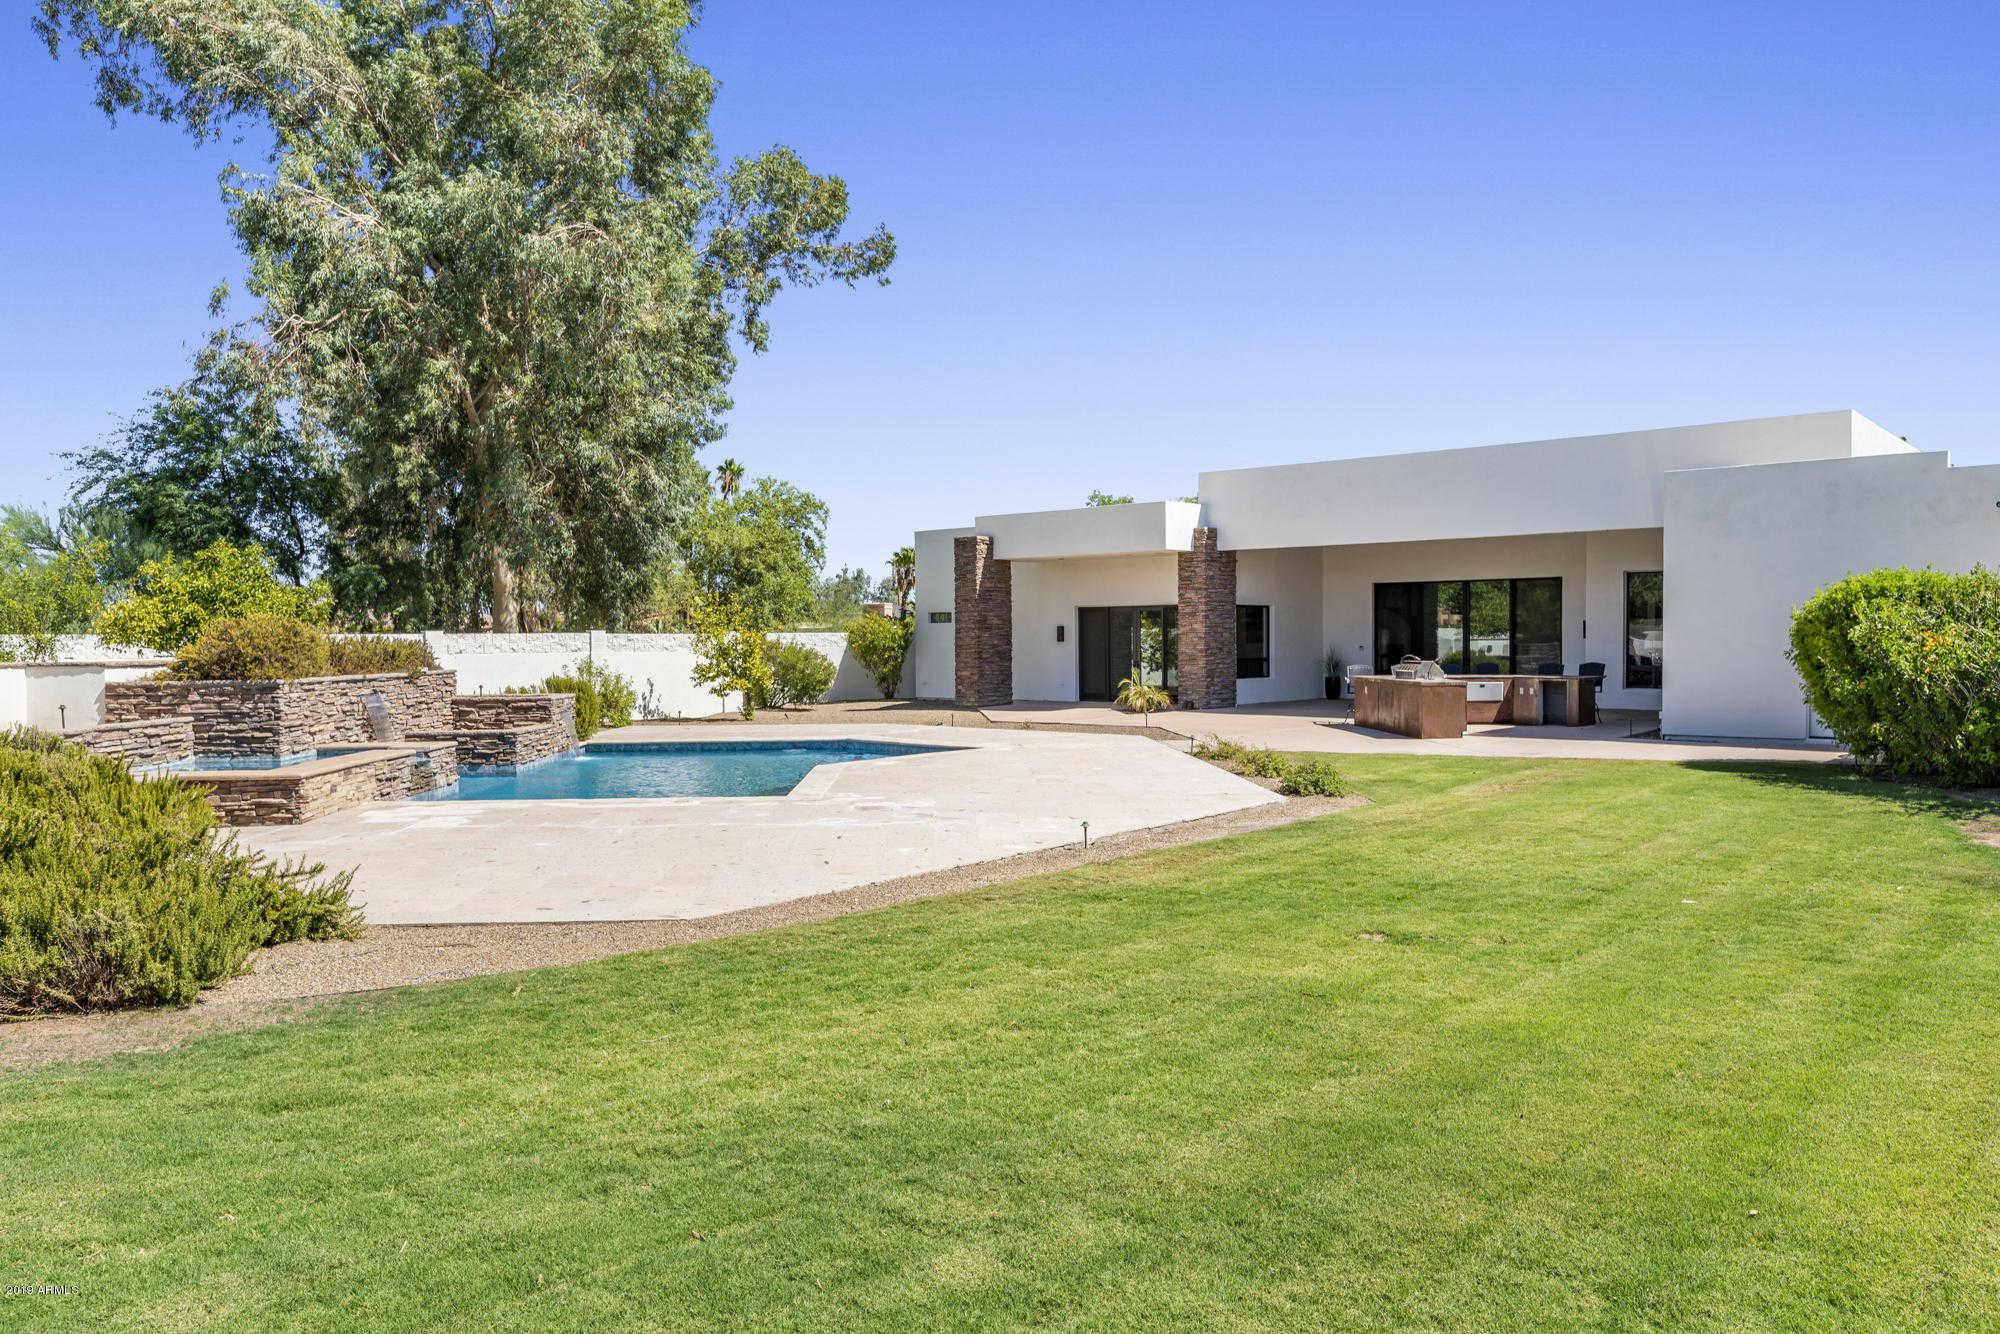 $1,699,000 - 4Br/4Ba - Home for Sale in Tierra Feliz North 2, Paradise Valley